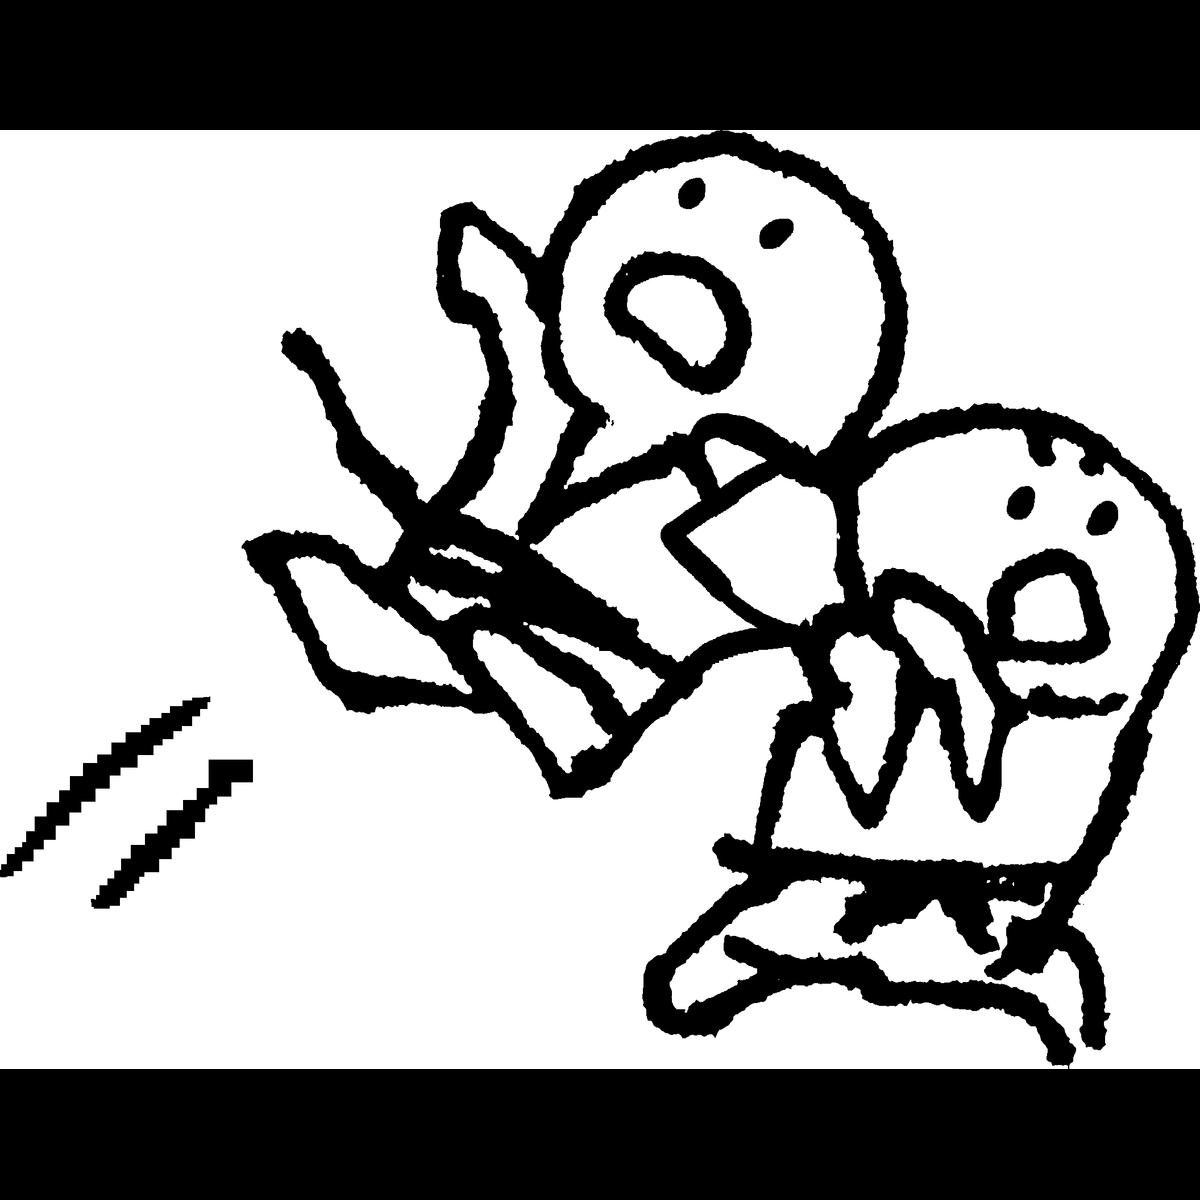 柔道のイラスト Judo